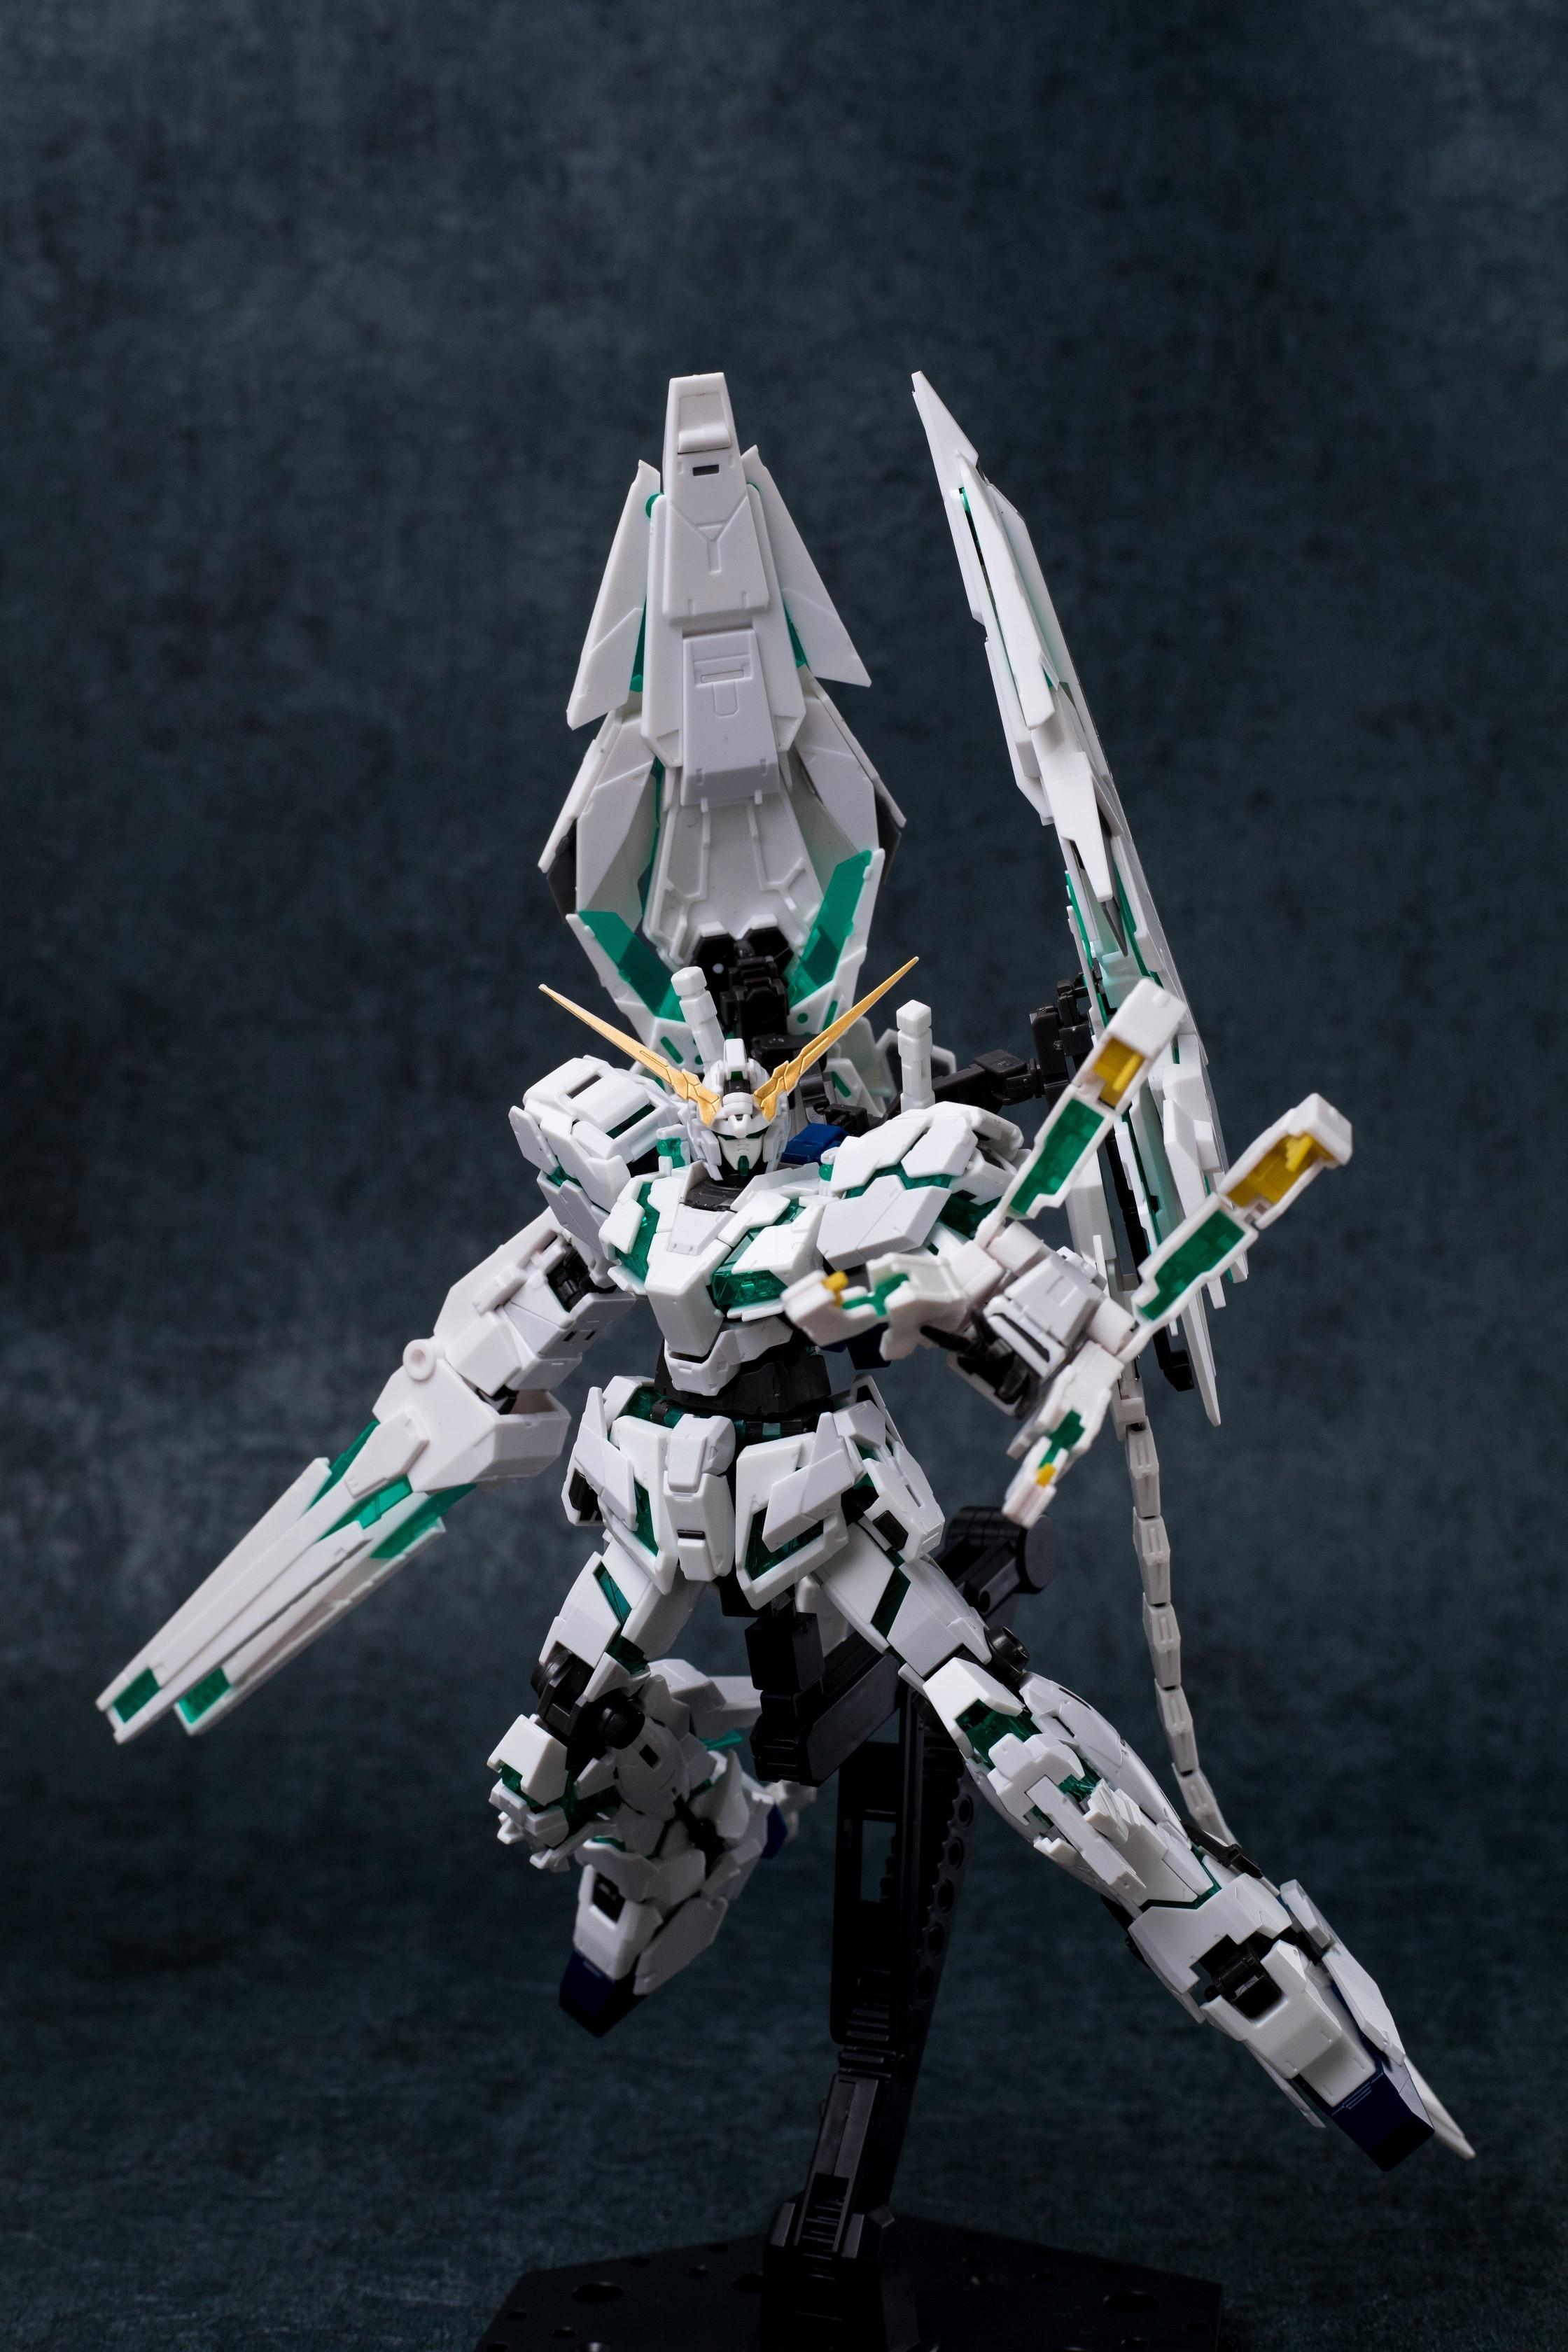 Эффекты крылья VN/BS оружие Набор для RG/HGUC 1/144 Единорог & Banshee & Phenex Gundam модель мобильного костюма